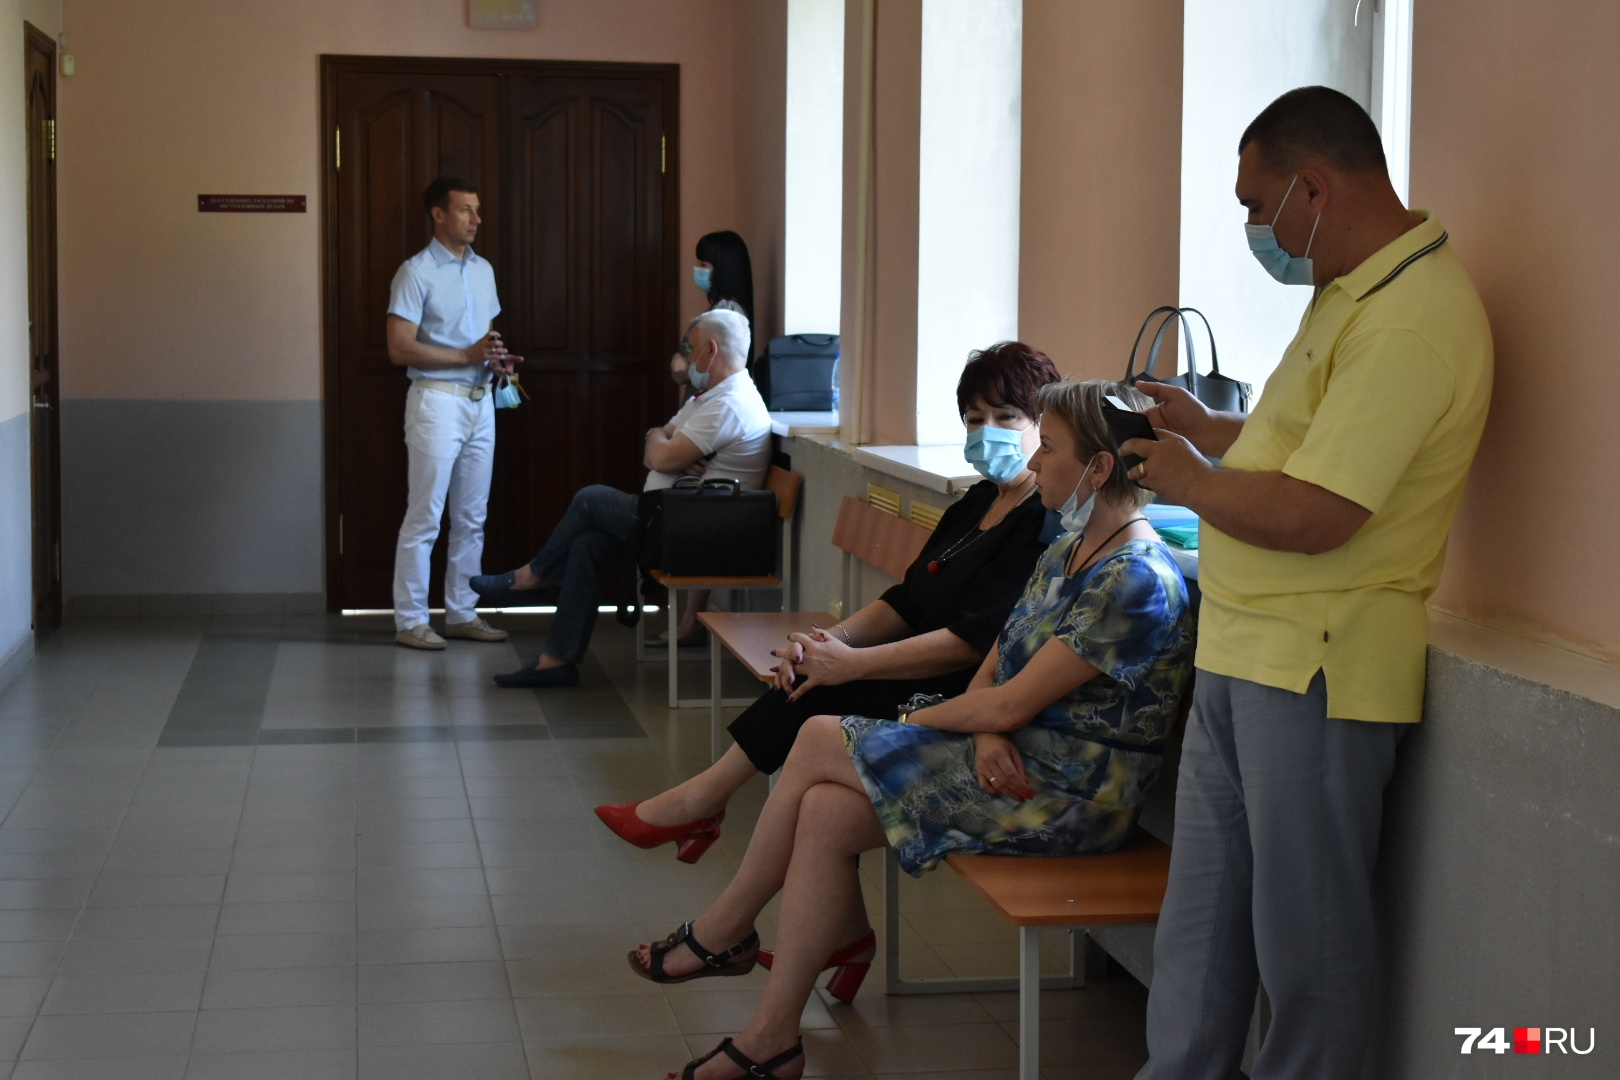 В зал заседаний по-прежнему пускают лишь участников процесса и свидетелей